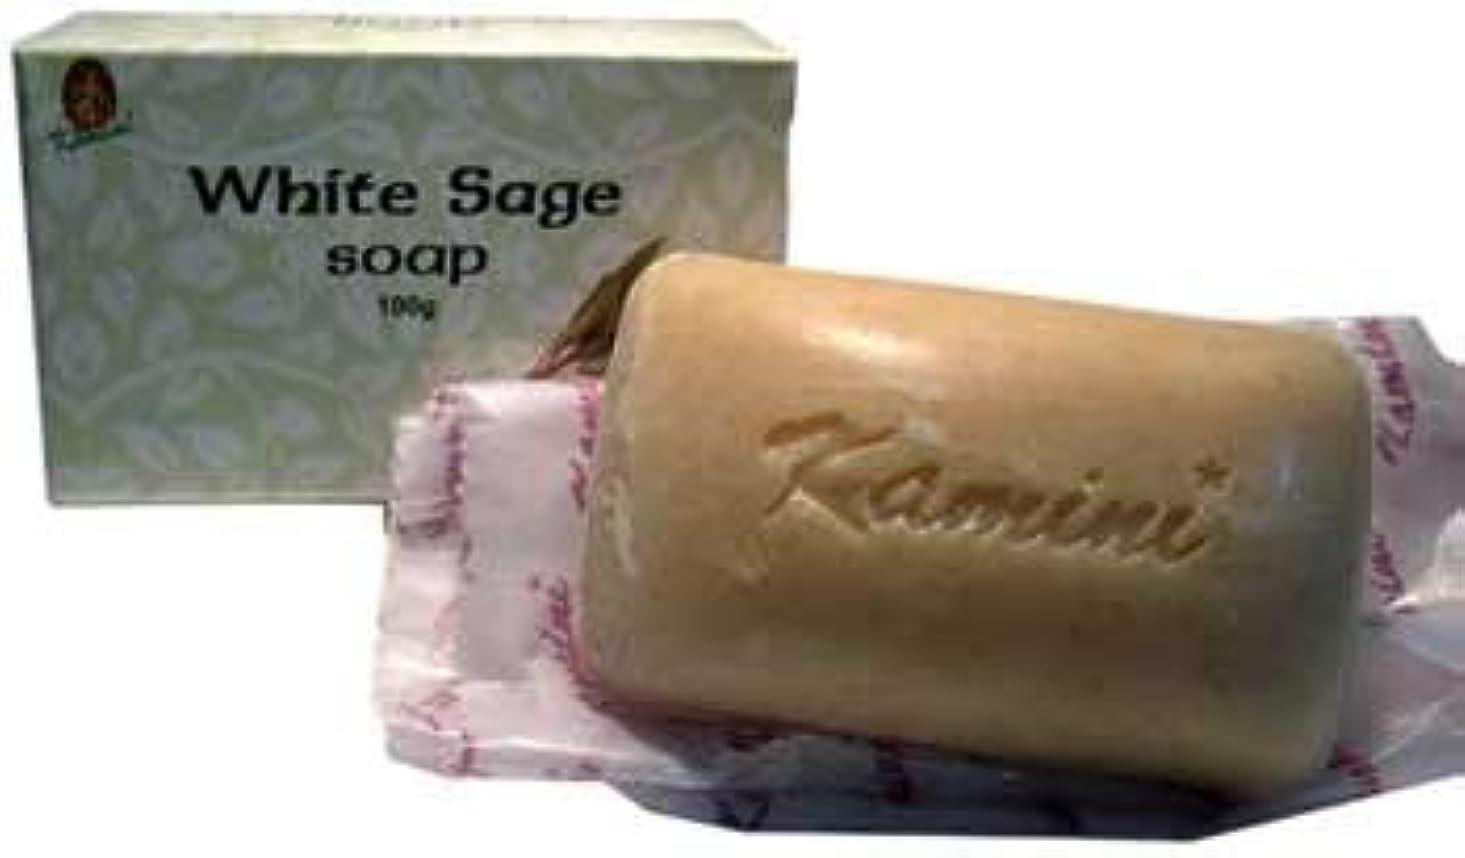 テンション辞任事RavenブラックウッドImports Fragrance Soapホワイトセージお香クリアエネルギーPurify Yourself 100 % Vegetable Based 100 gバー